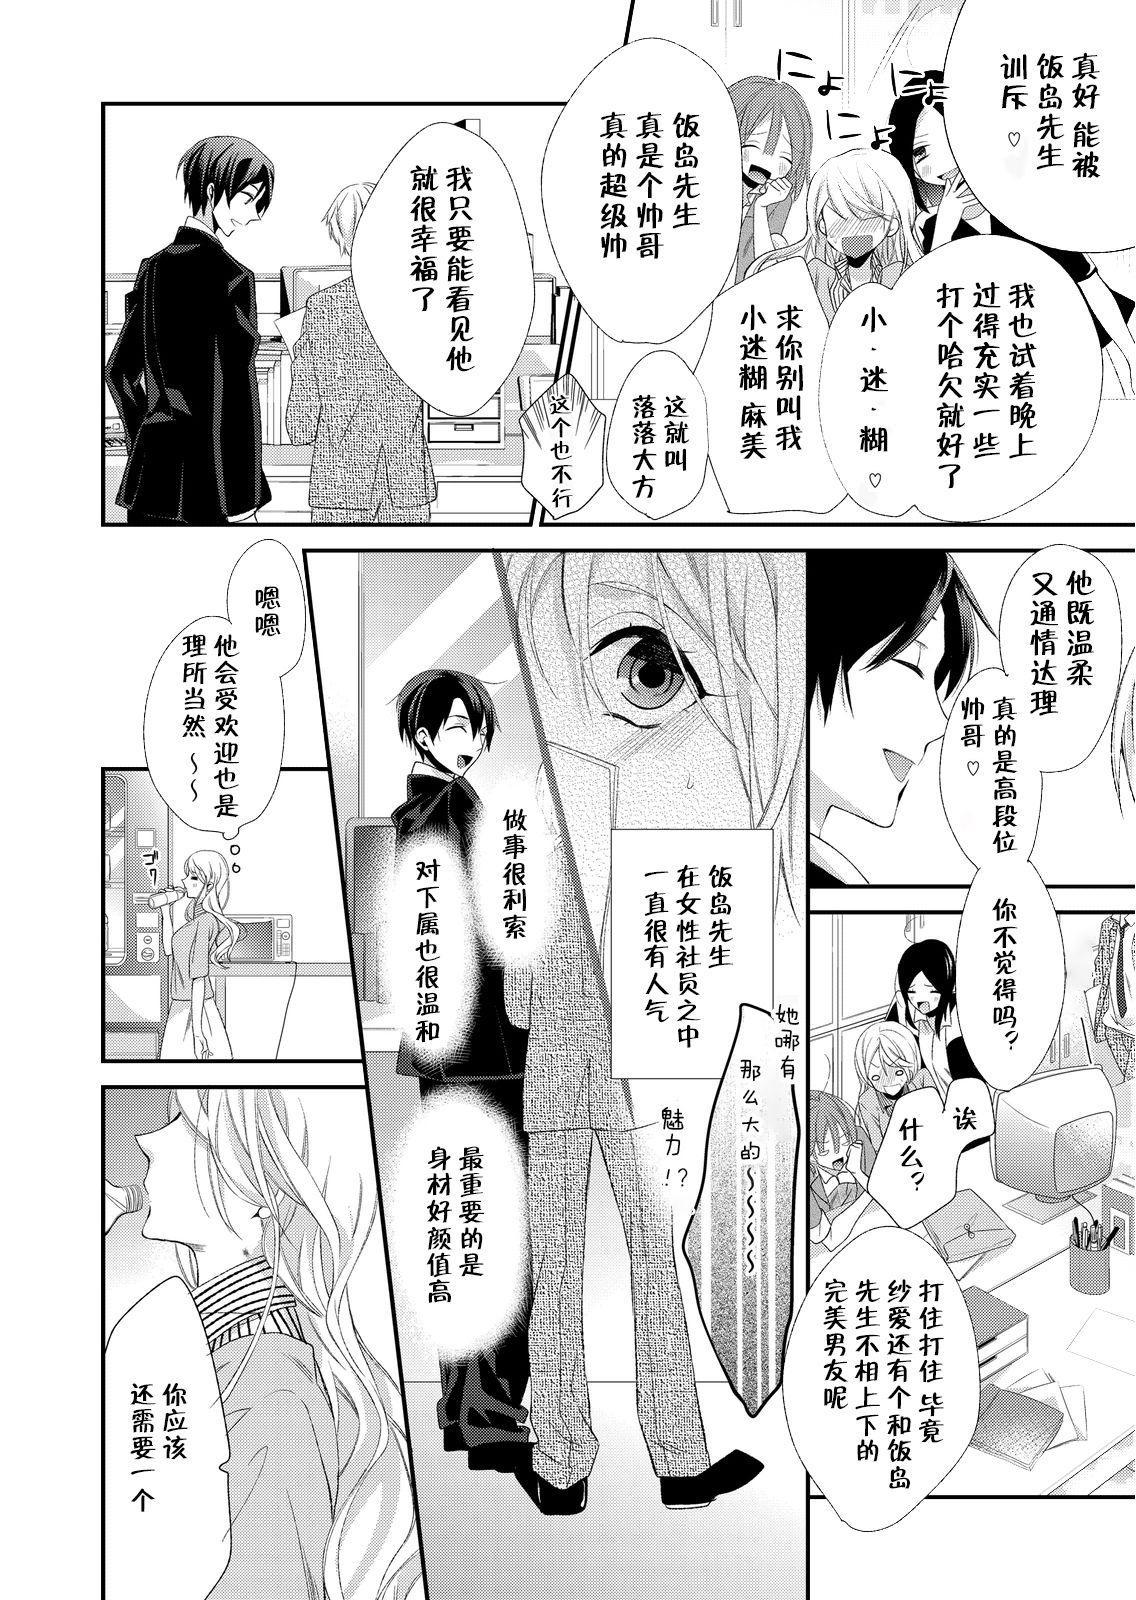 Kioku Sousitsu!? Watashi no Kareshi ha Docchi? Karada de Tameshite・・・ | 失忆!?我的男朋友到底是谁?用身体来确认…Ch. 1-2 6